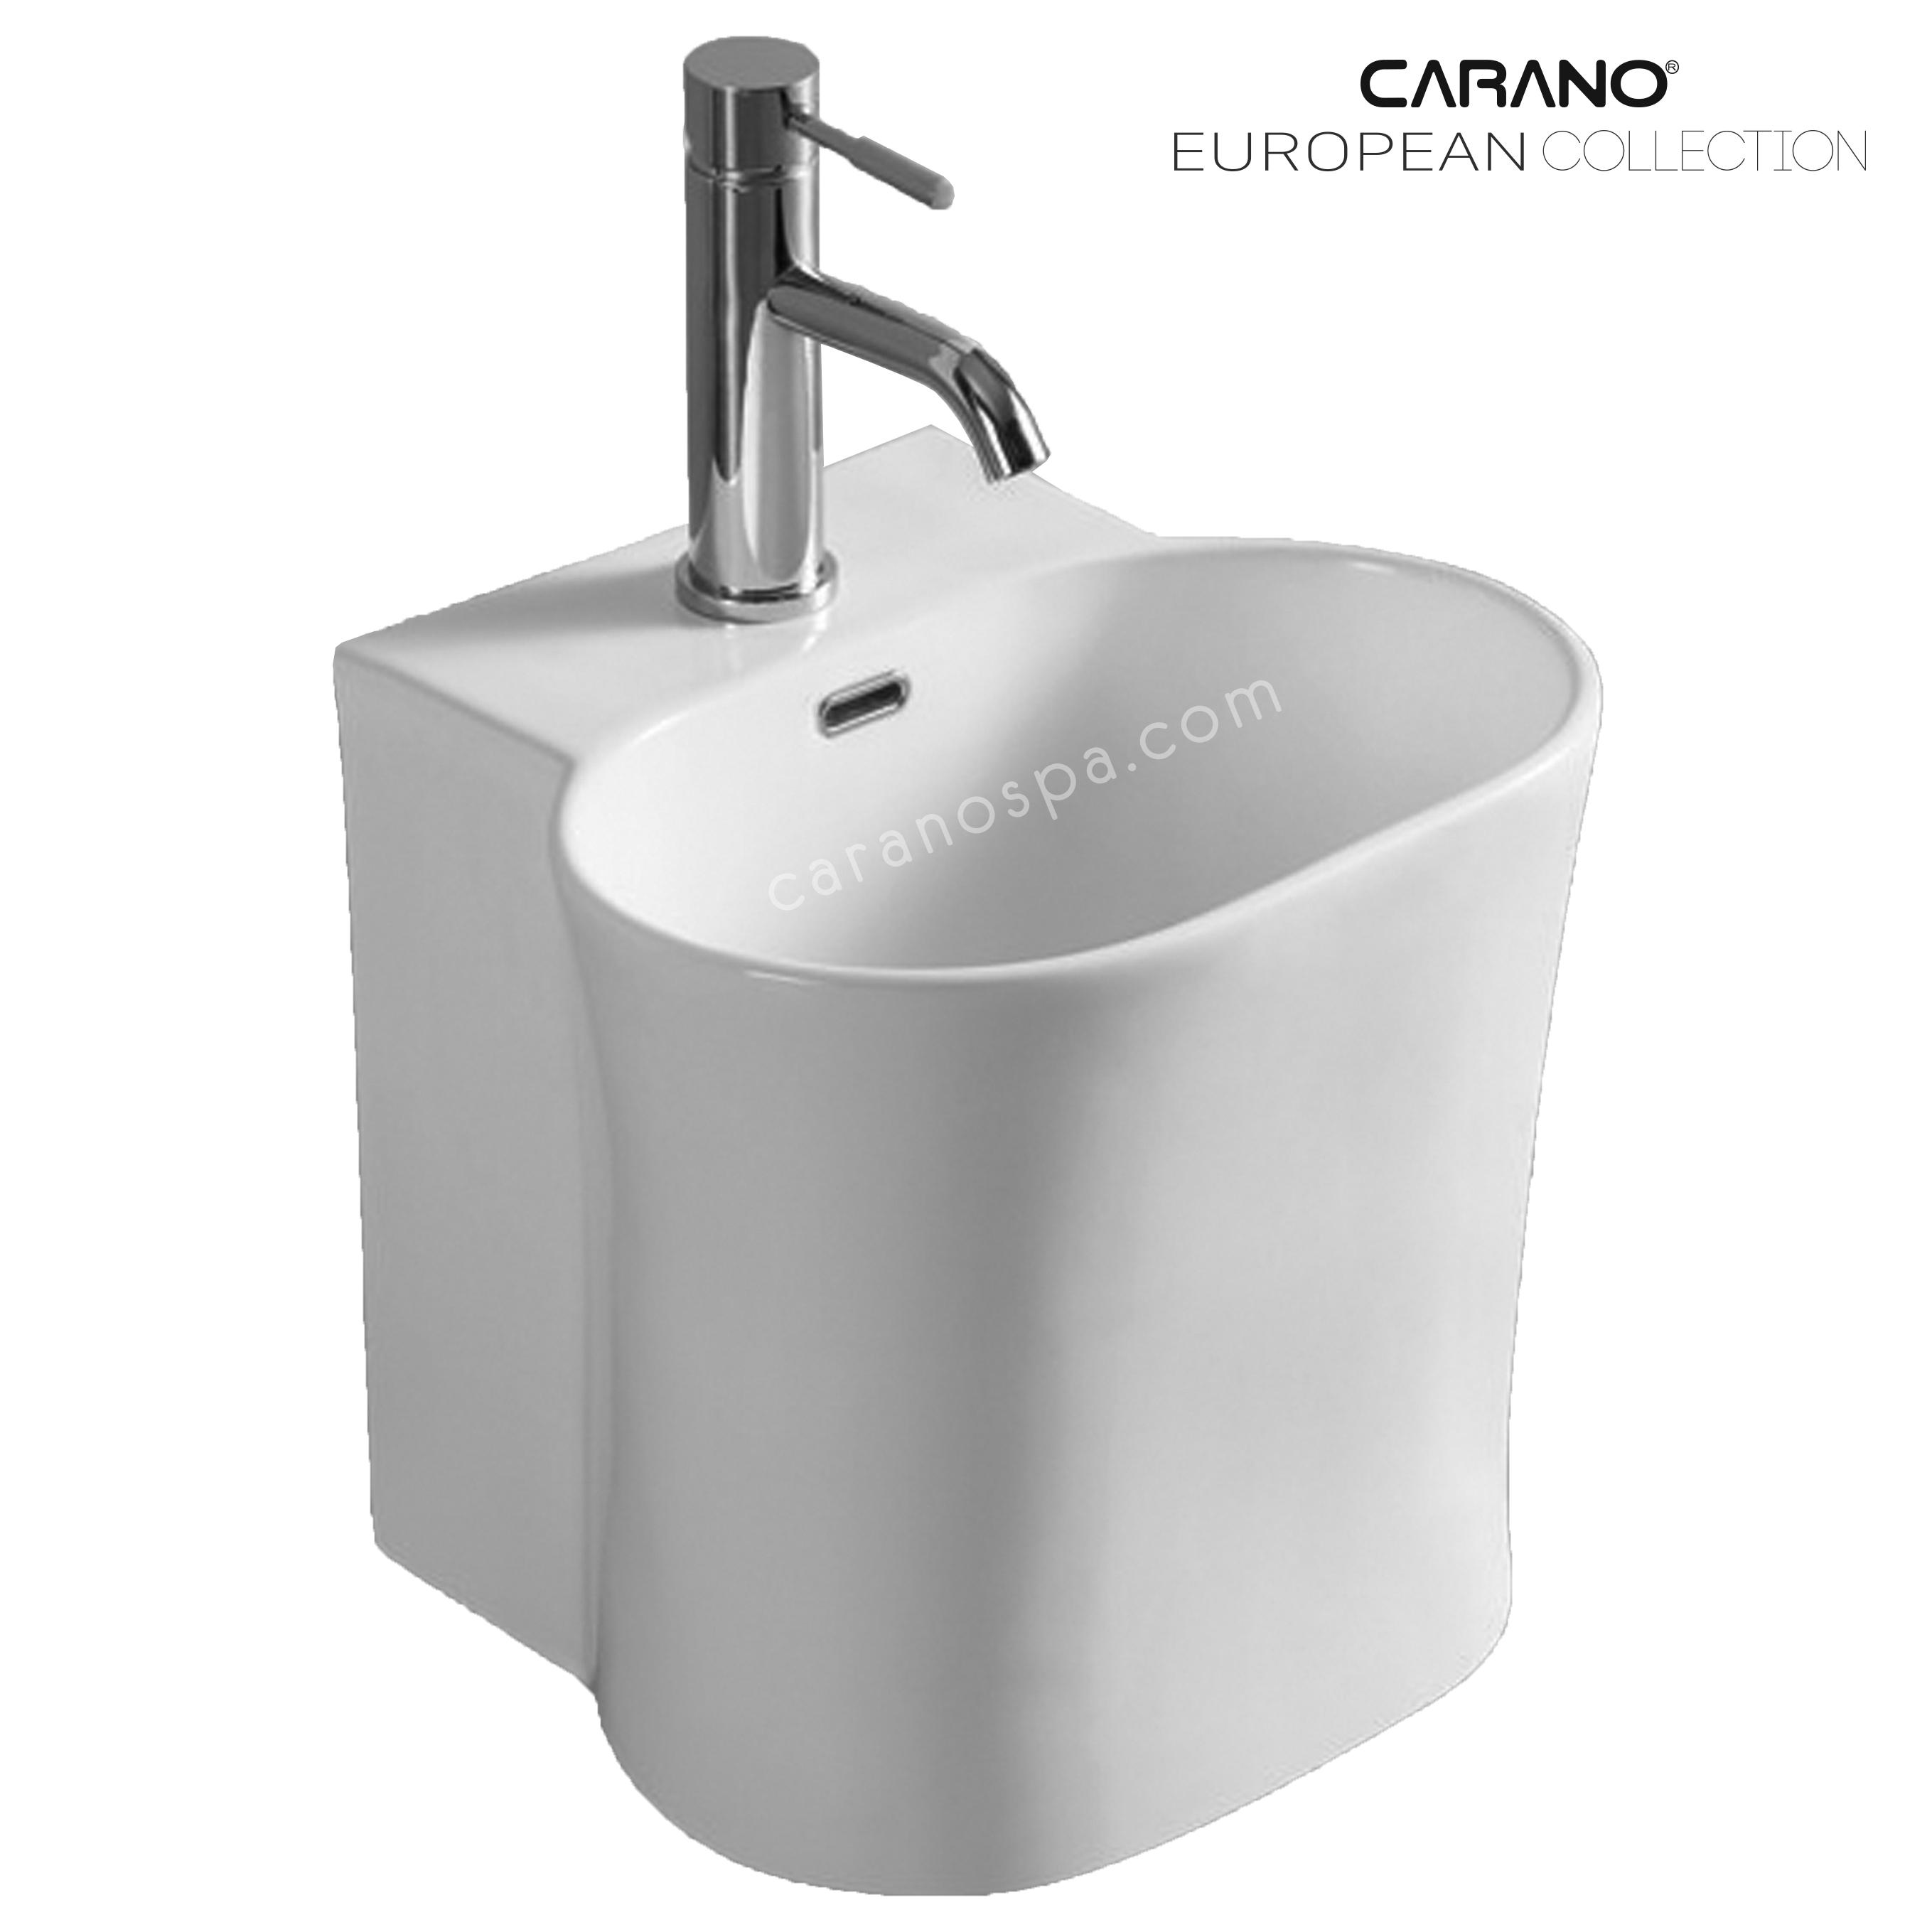 CHẬU RỬA CARANO ĐẶT BÀN LS5700 (lavabo model: LS5700)